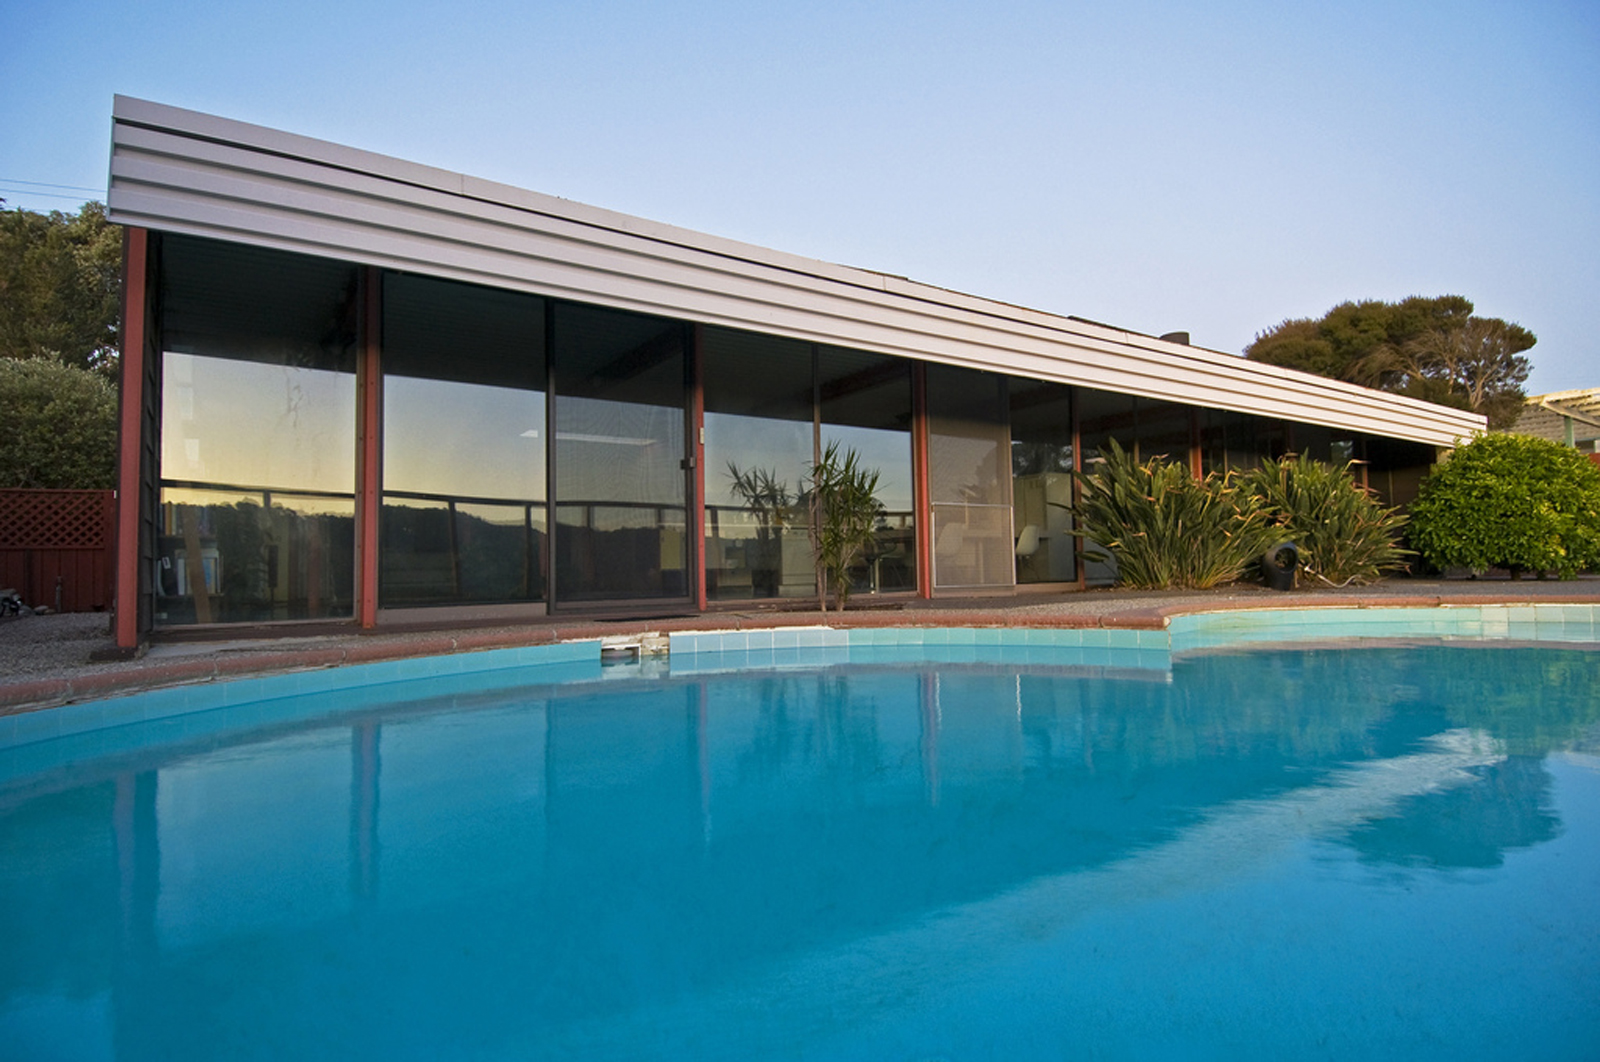 eichler pool